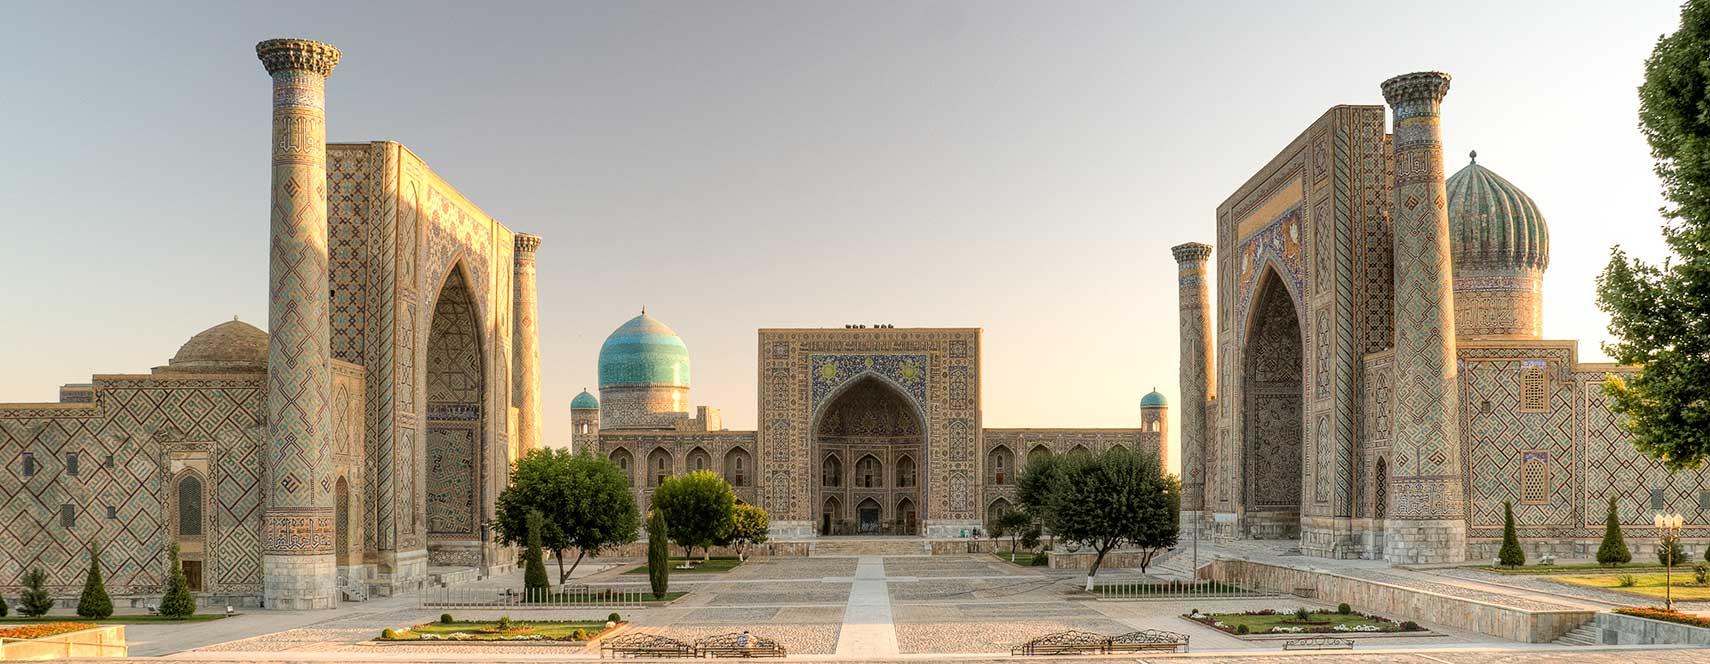 Hành trình khám phá Uzbekistan kinh nghiệm tham quan